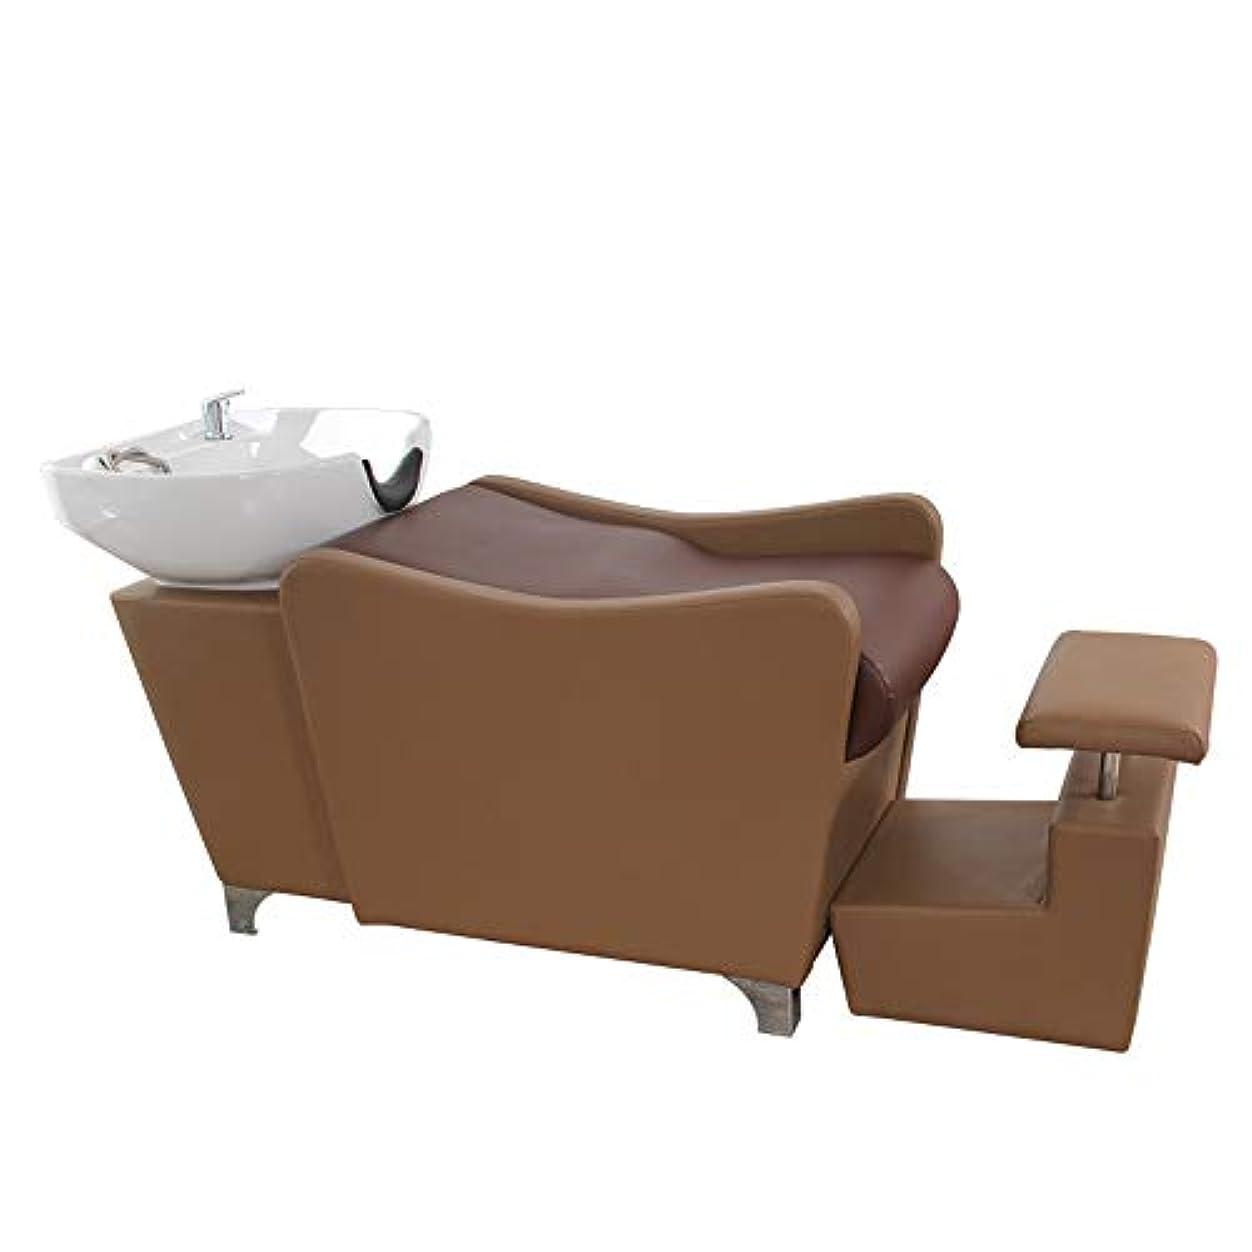 信号スティックコンデンサーシャンプーチェア、理髪店の逆洗ユニットシャンプーボウル理髪シンクの椅子用スパ美容院機器(ブラウン)